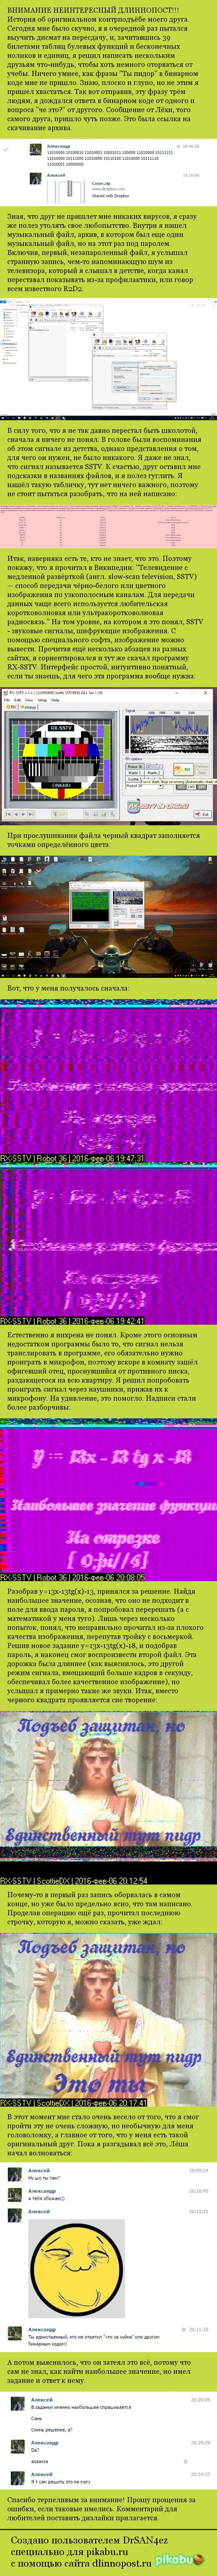 Почему я обожаю своего друга Оригинально, Друг, Двоичный код, Подъеб, Шифр, Длиннопост, SSTV